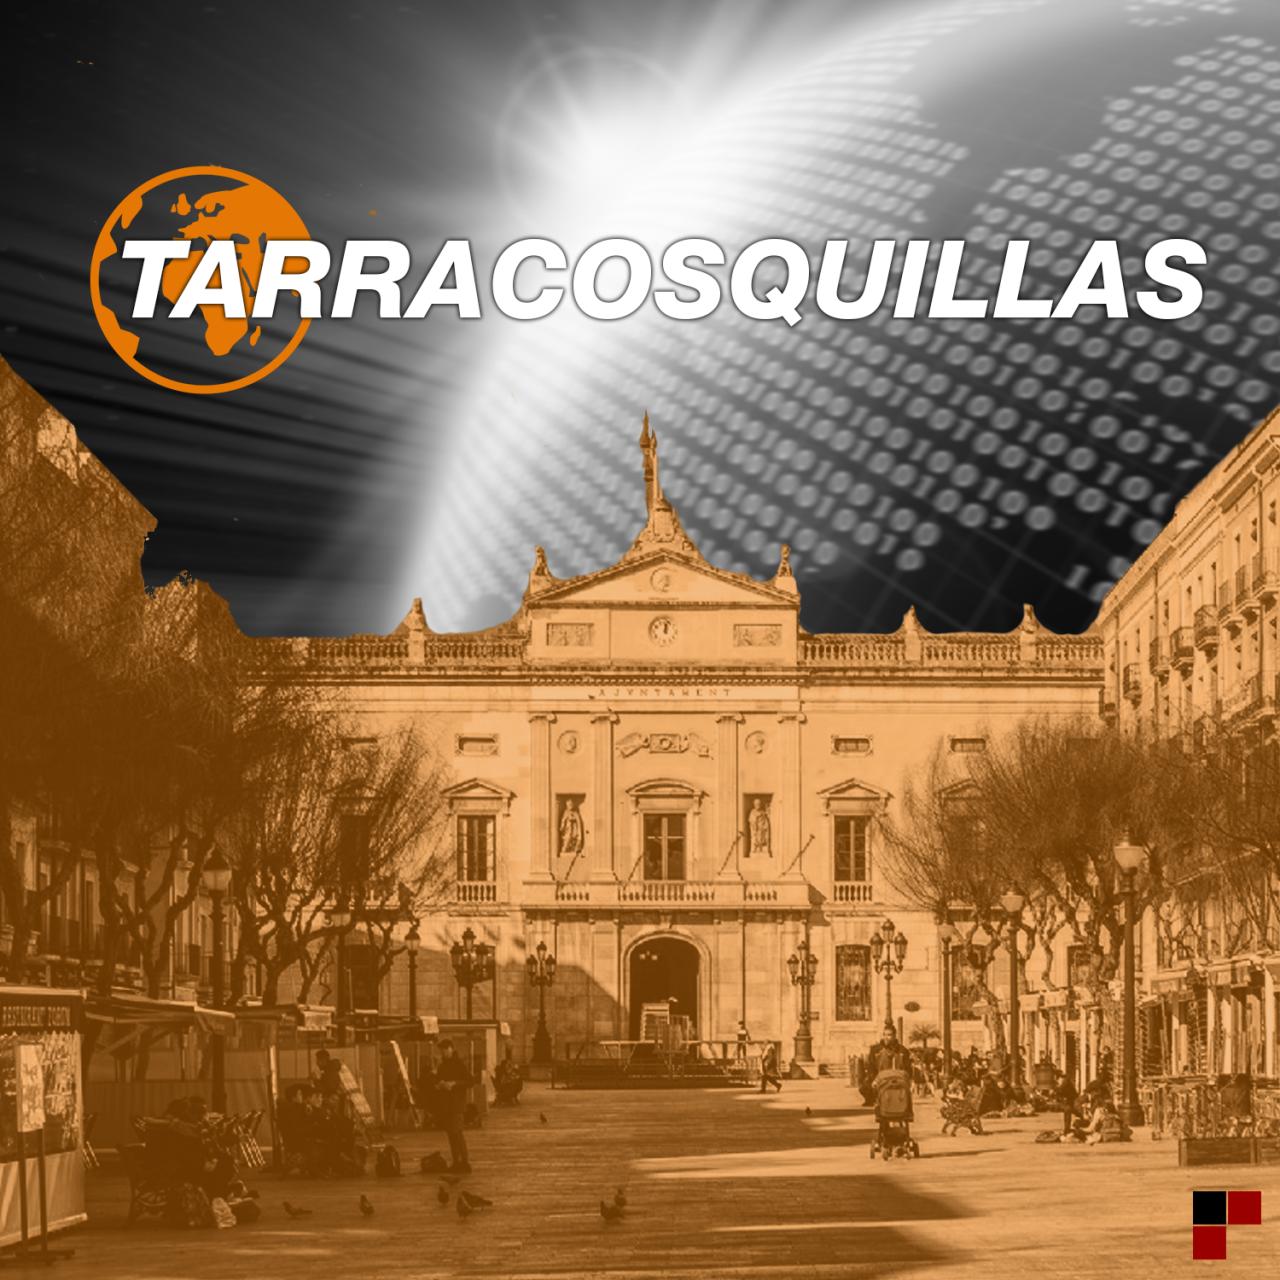 TARRACOSQUILLAS-BANNER-1280x1280.png